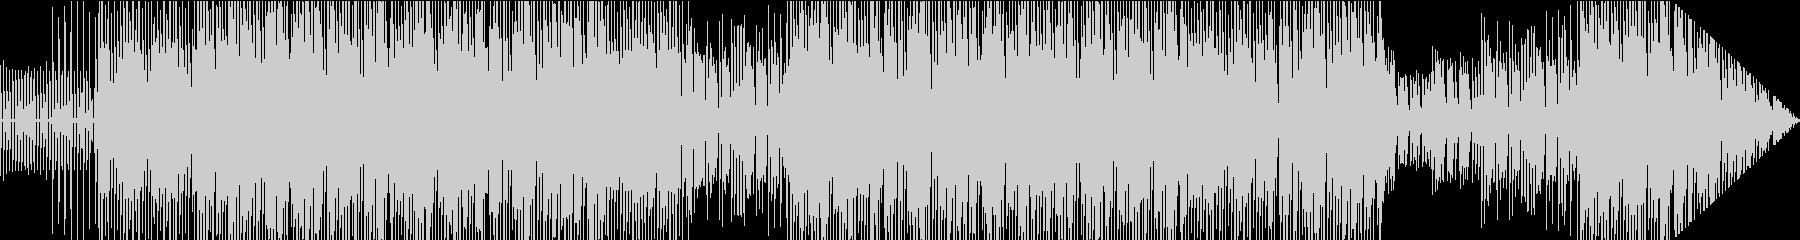 ダンスミュージック風のスタイルポップの未再生の波形